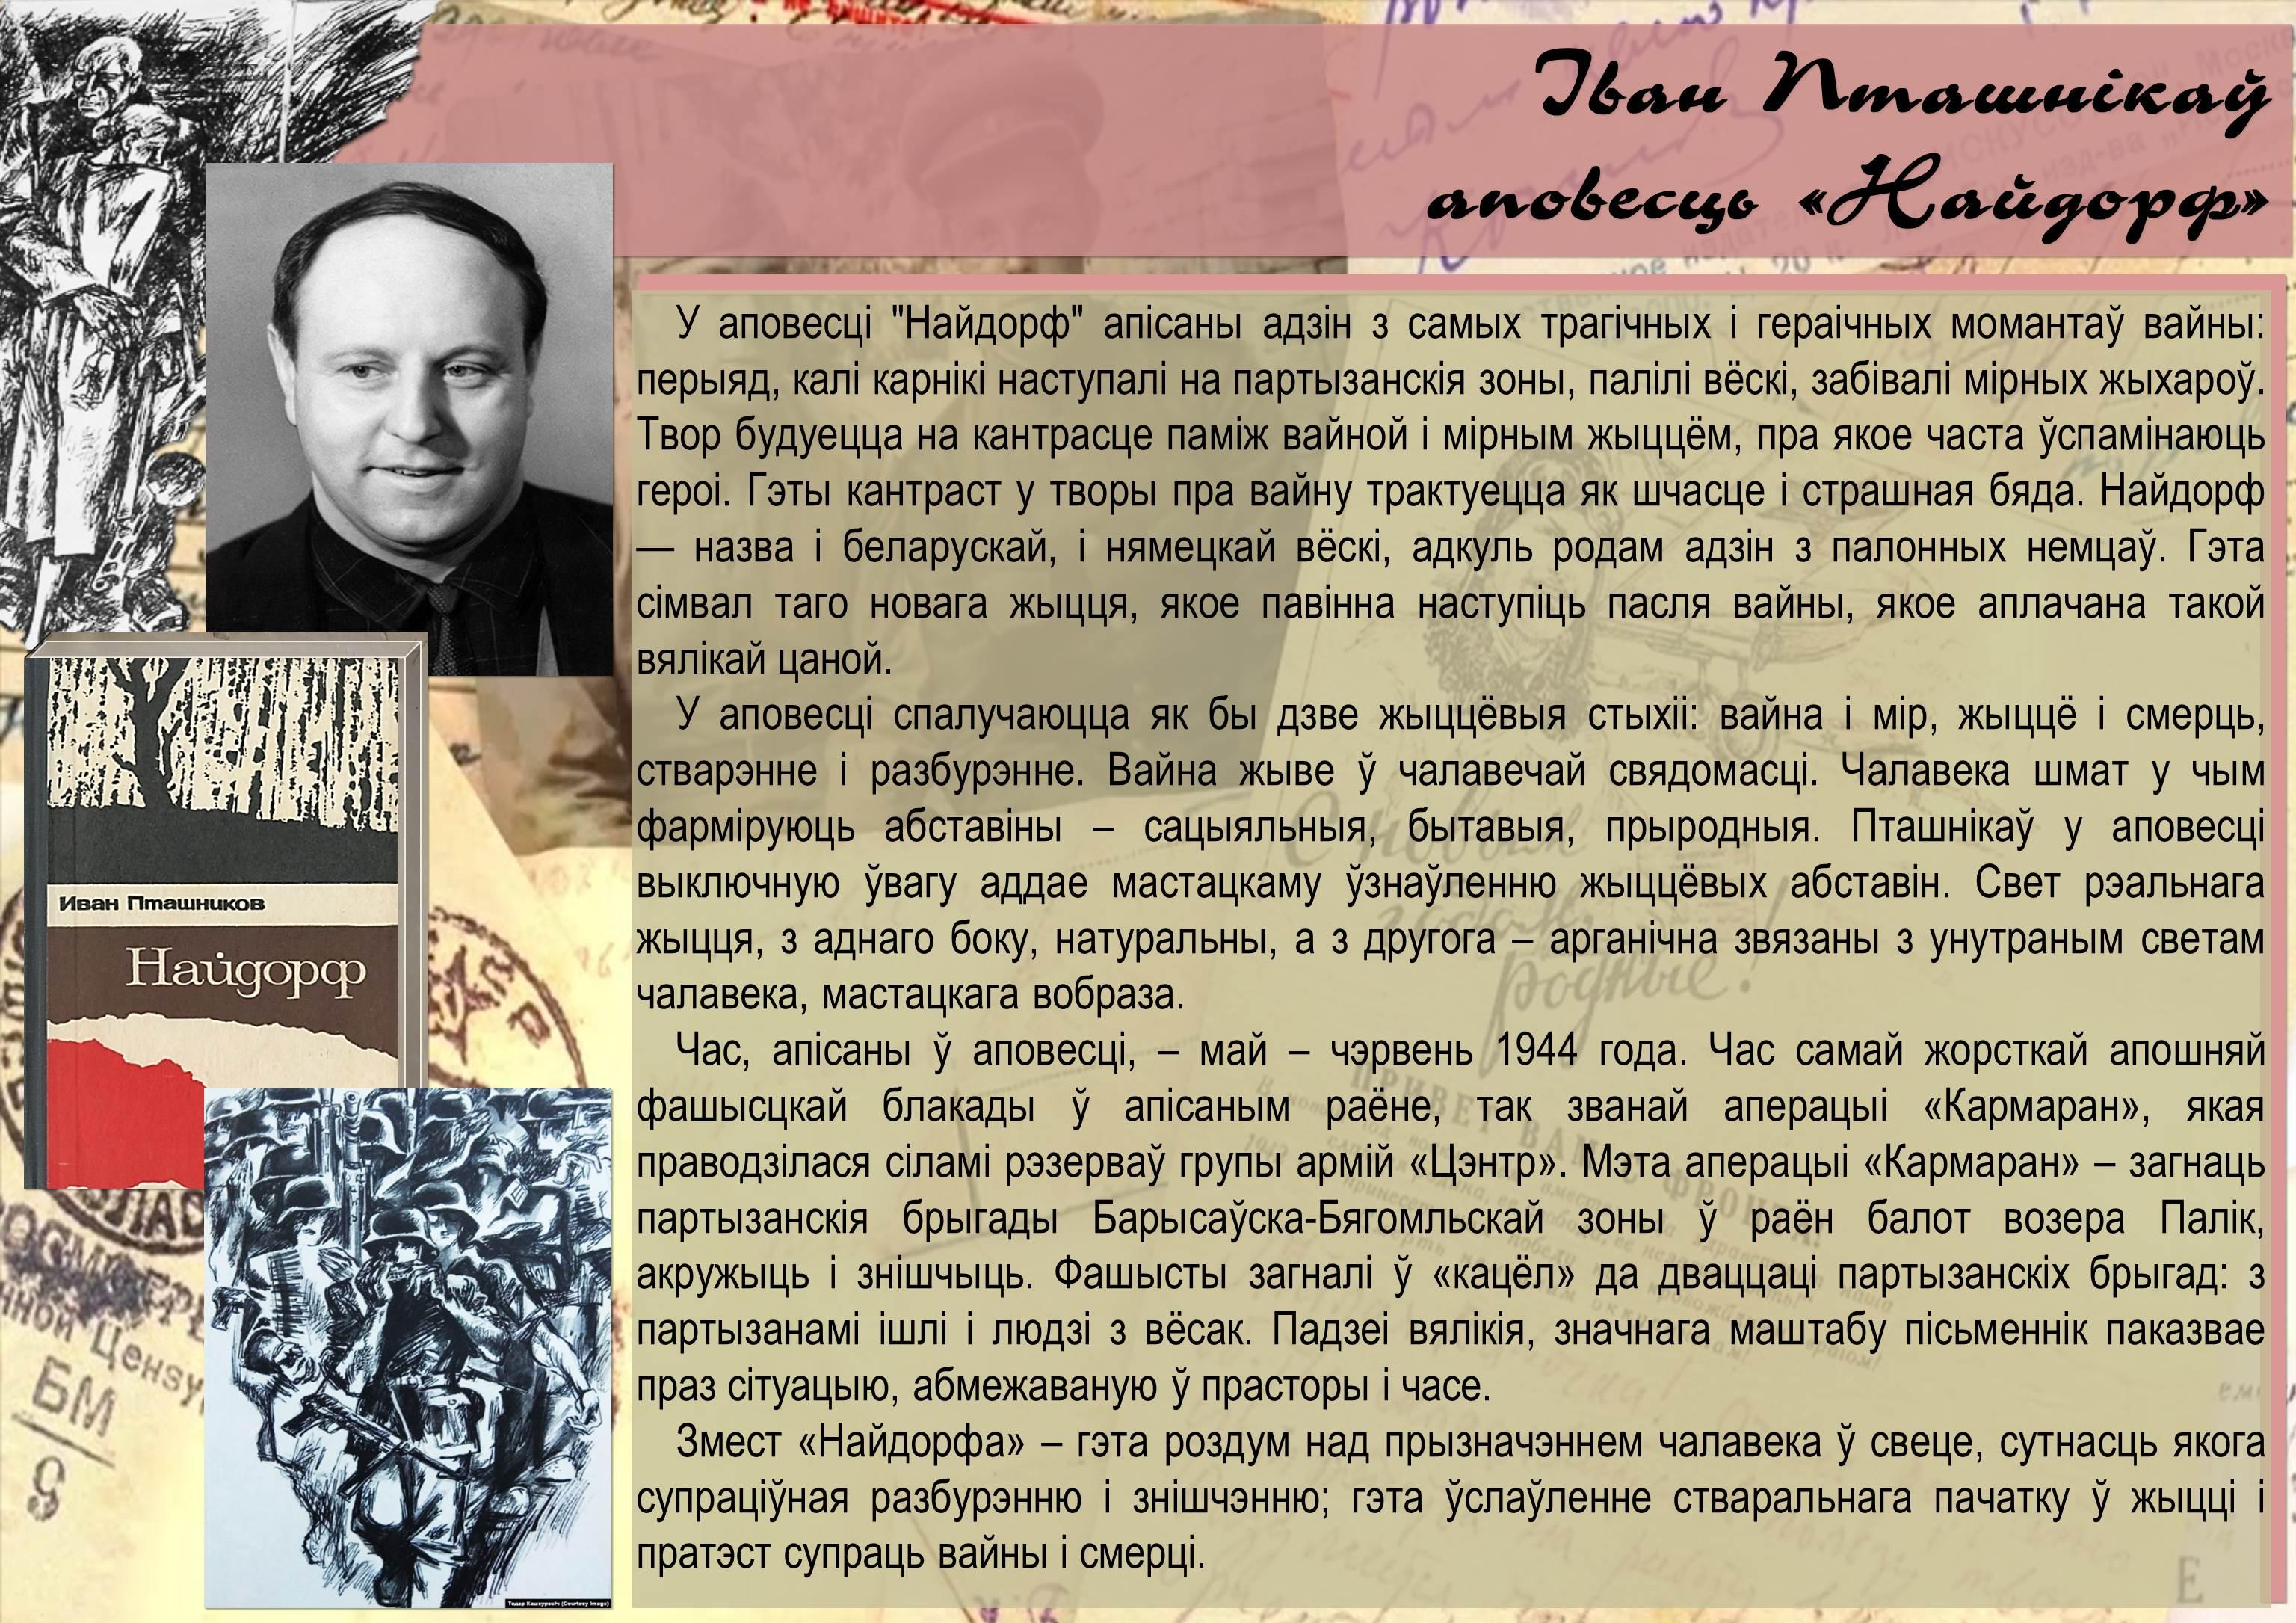 Іван Пташнікаў Найдорф А0